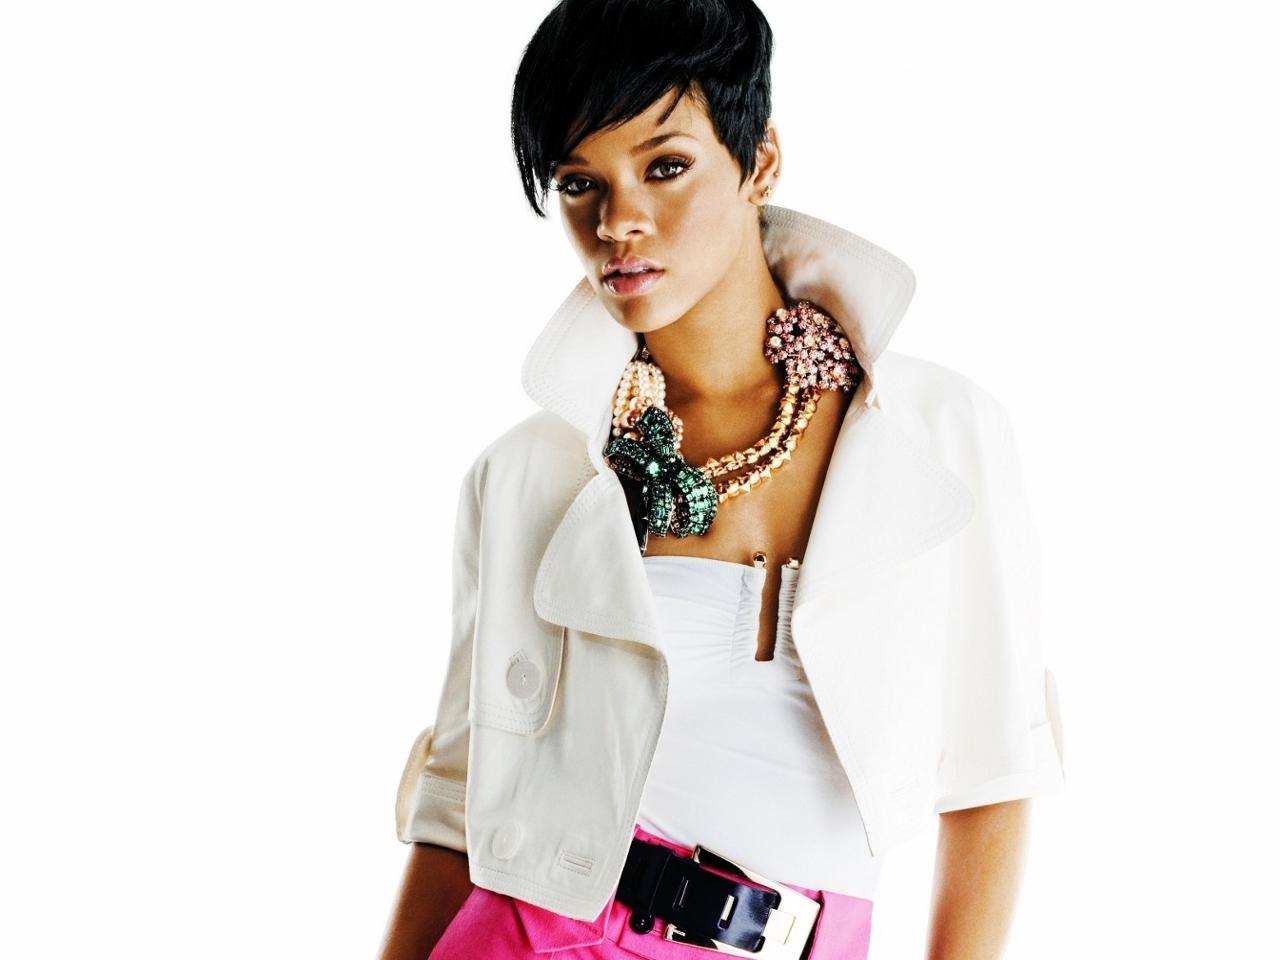 Riri Fashion Rihanna Wallpaper 30415574 Fanpop